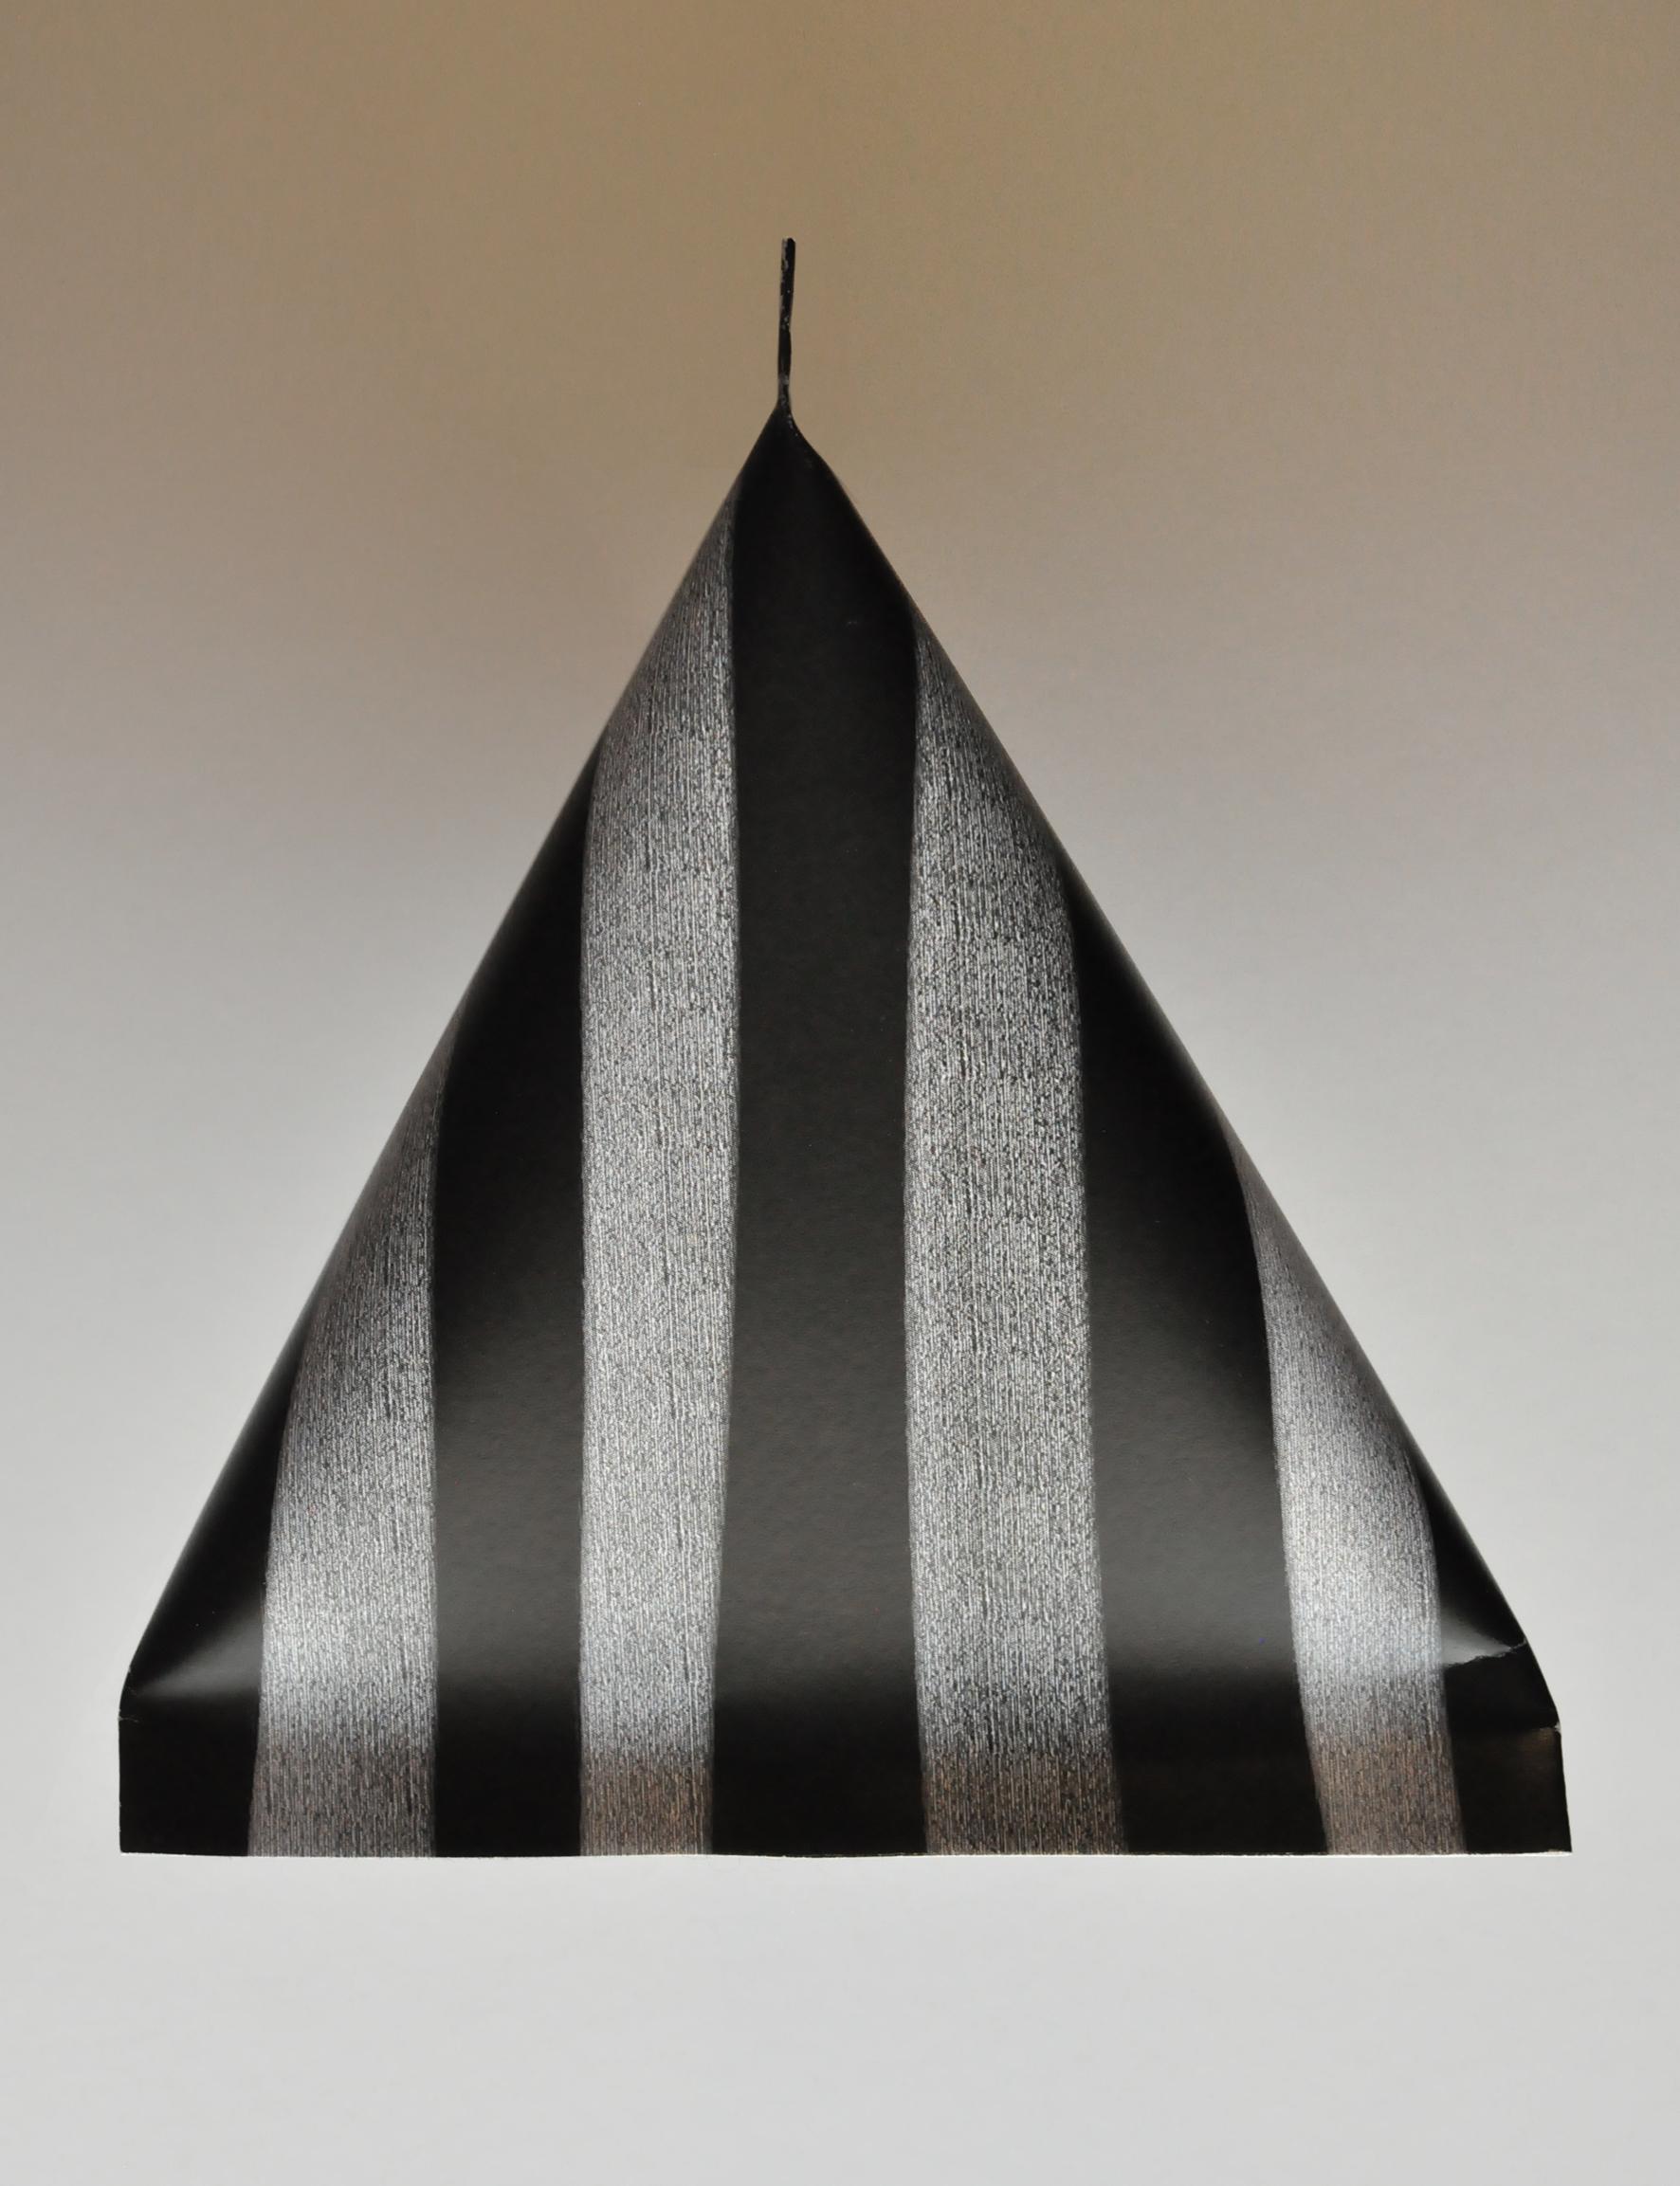 Humbug Pyramid Packaging. Dougie Scott